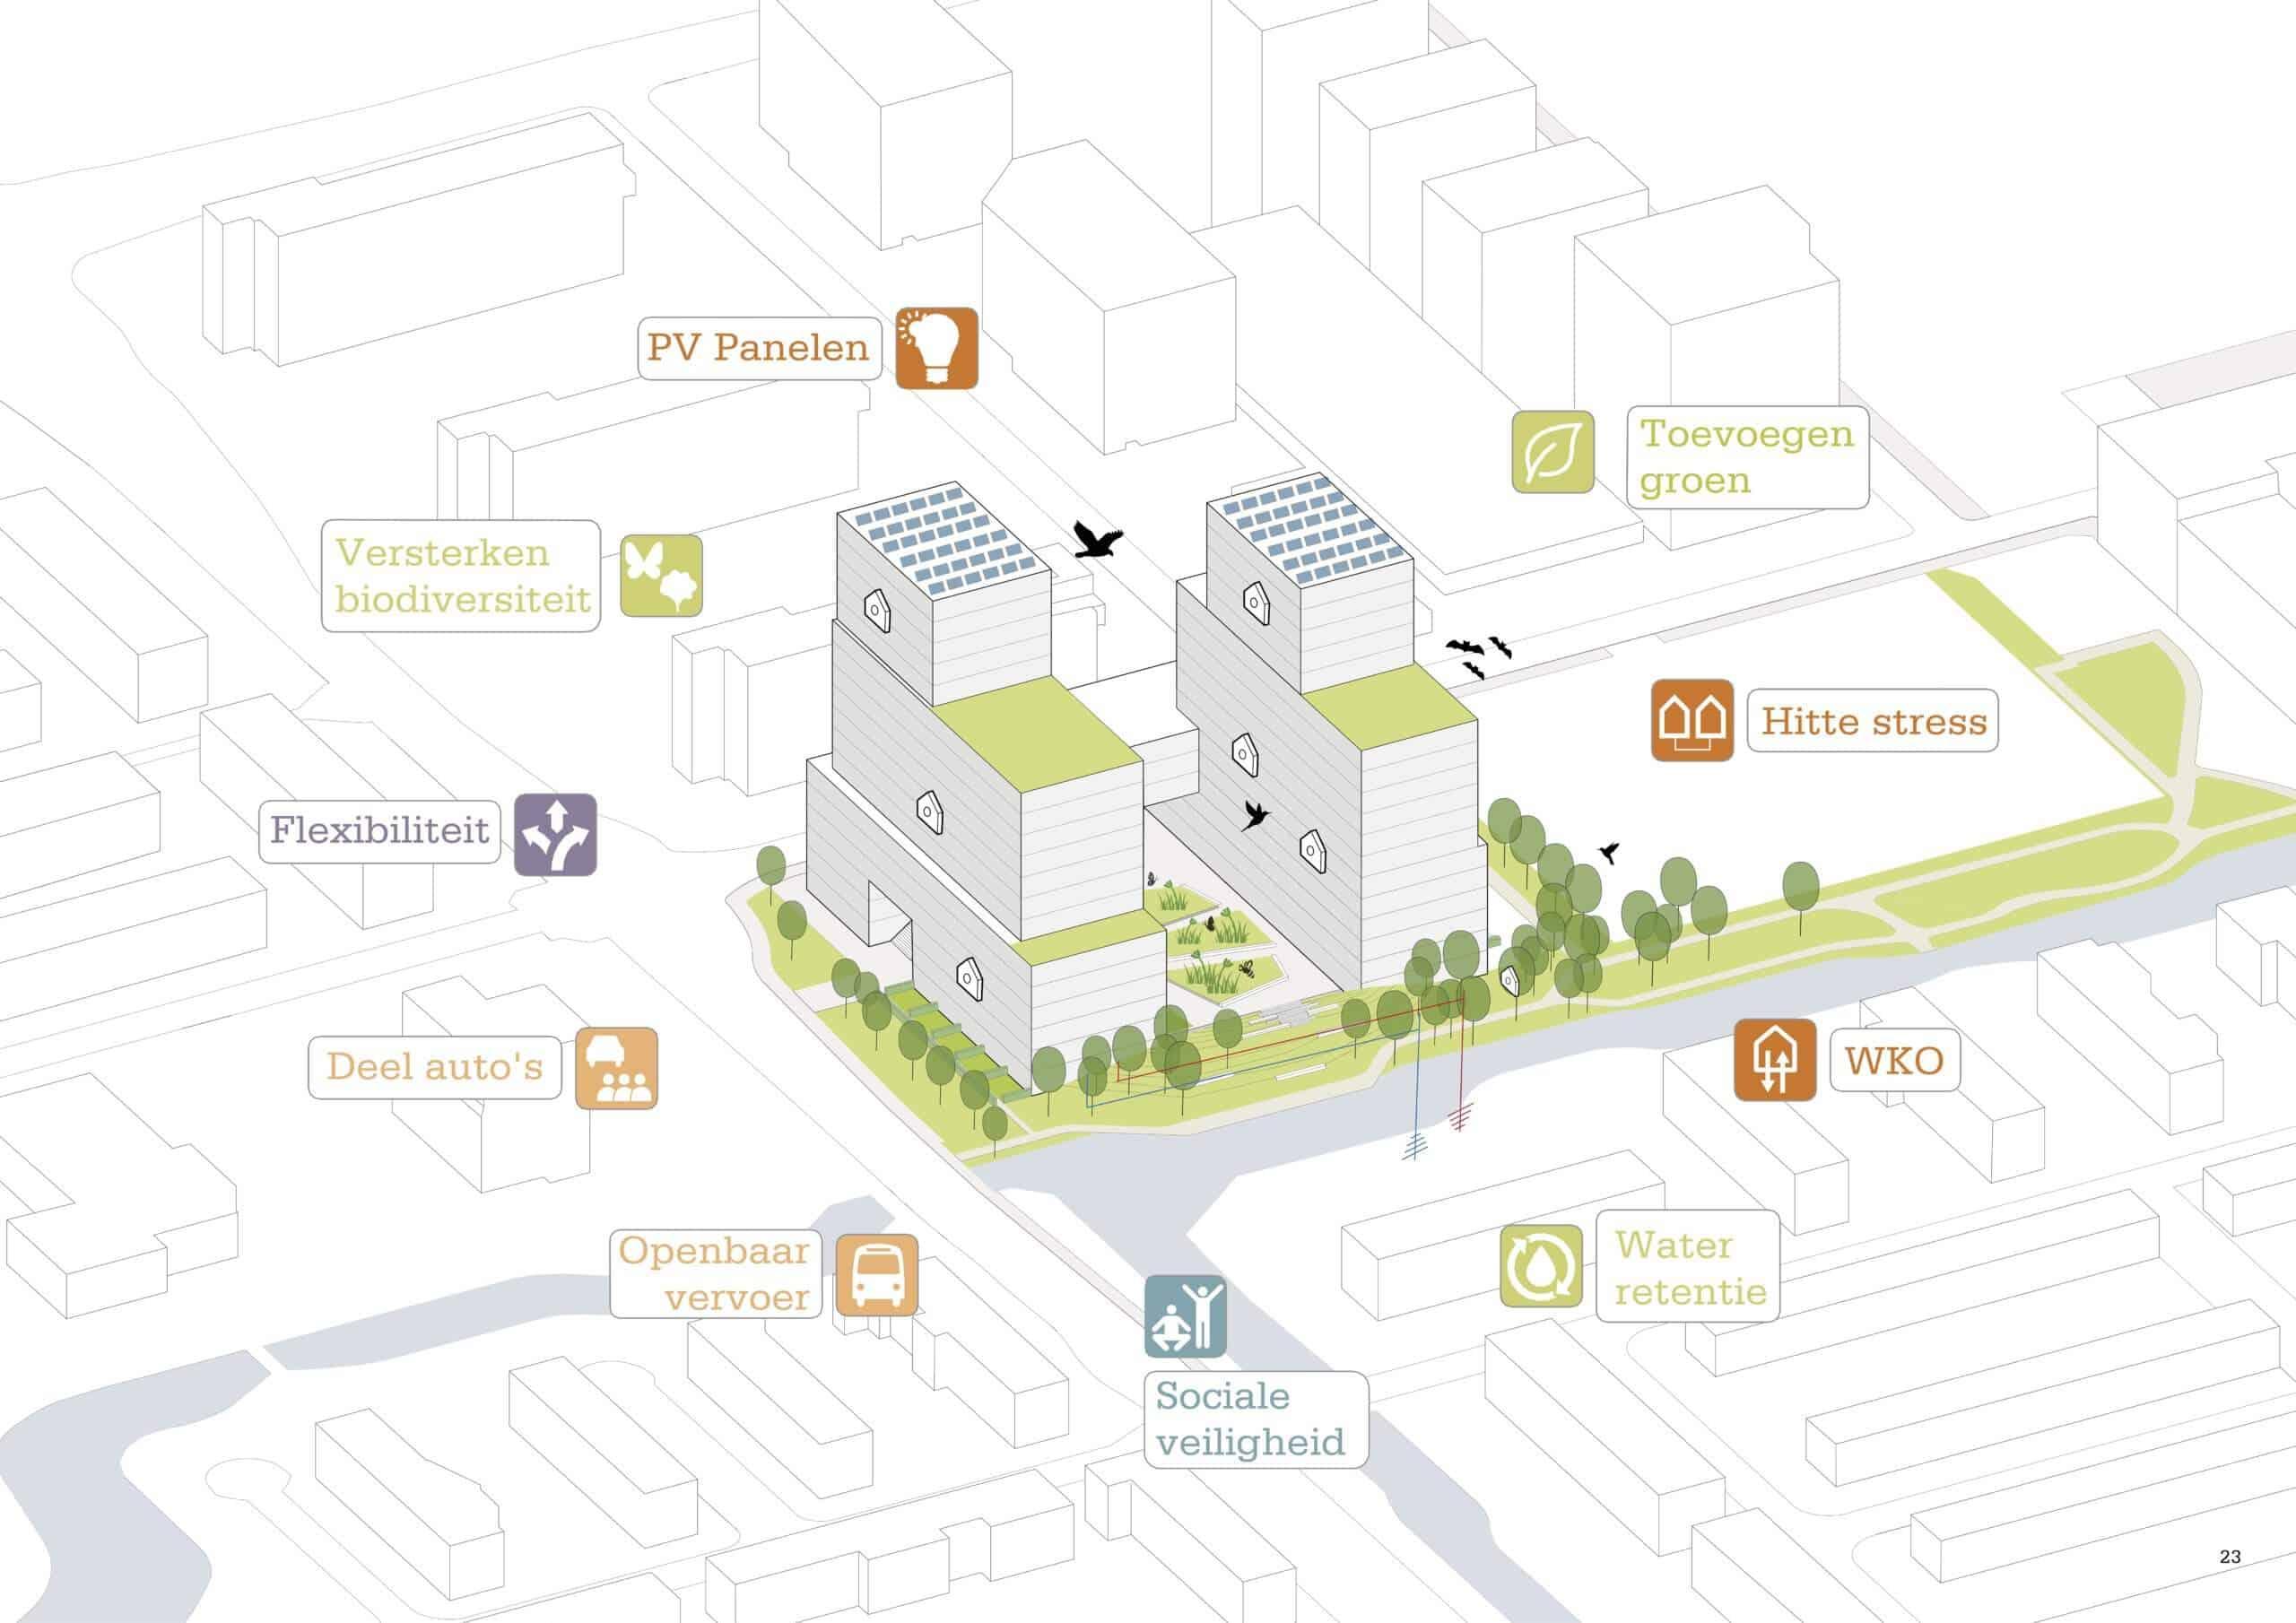 AM en Rijnboutt realiseren 'gezond' wooncomplex in Amstelveen - Beeld 1 - Copyright AM _ Rijnboutt